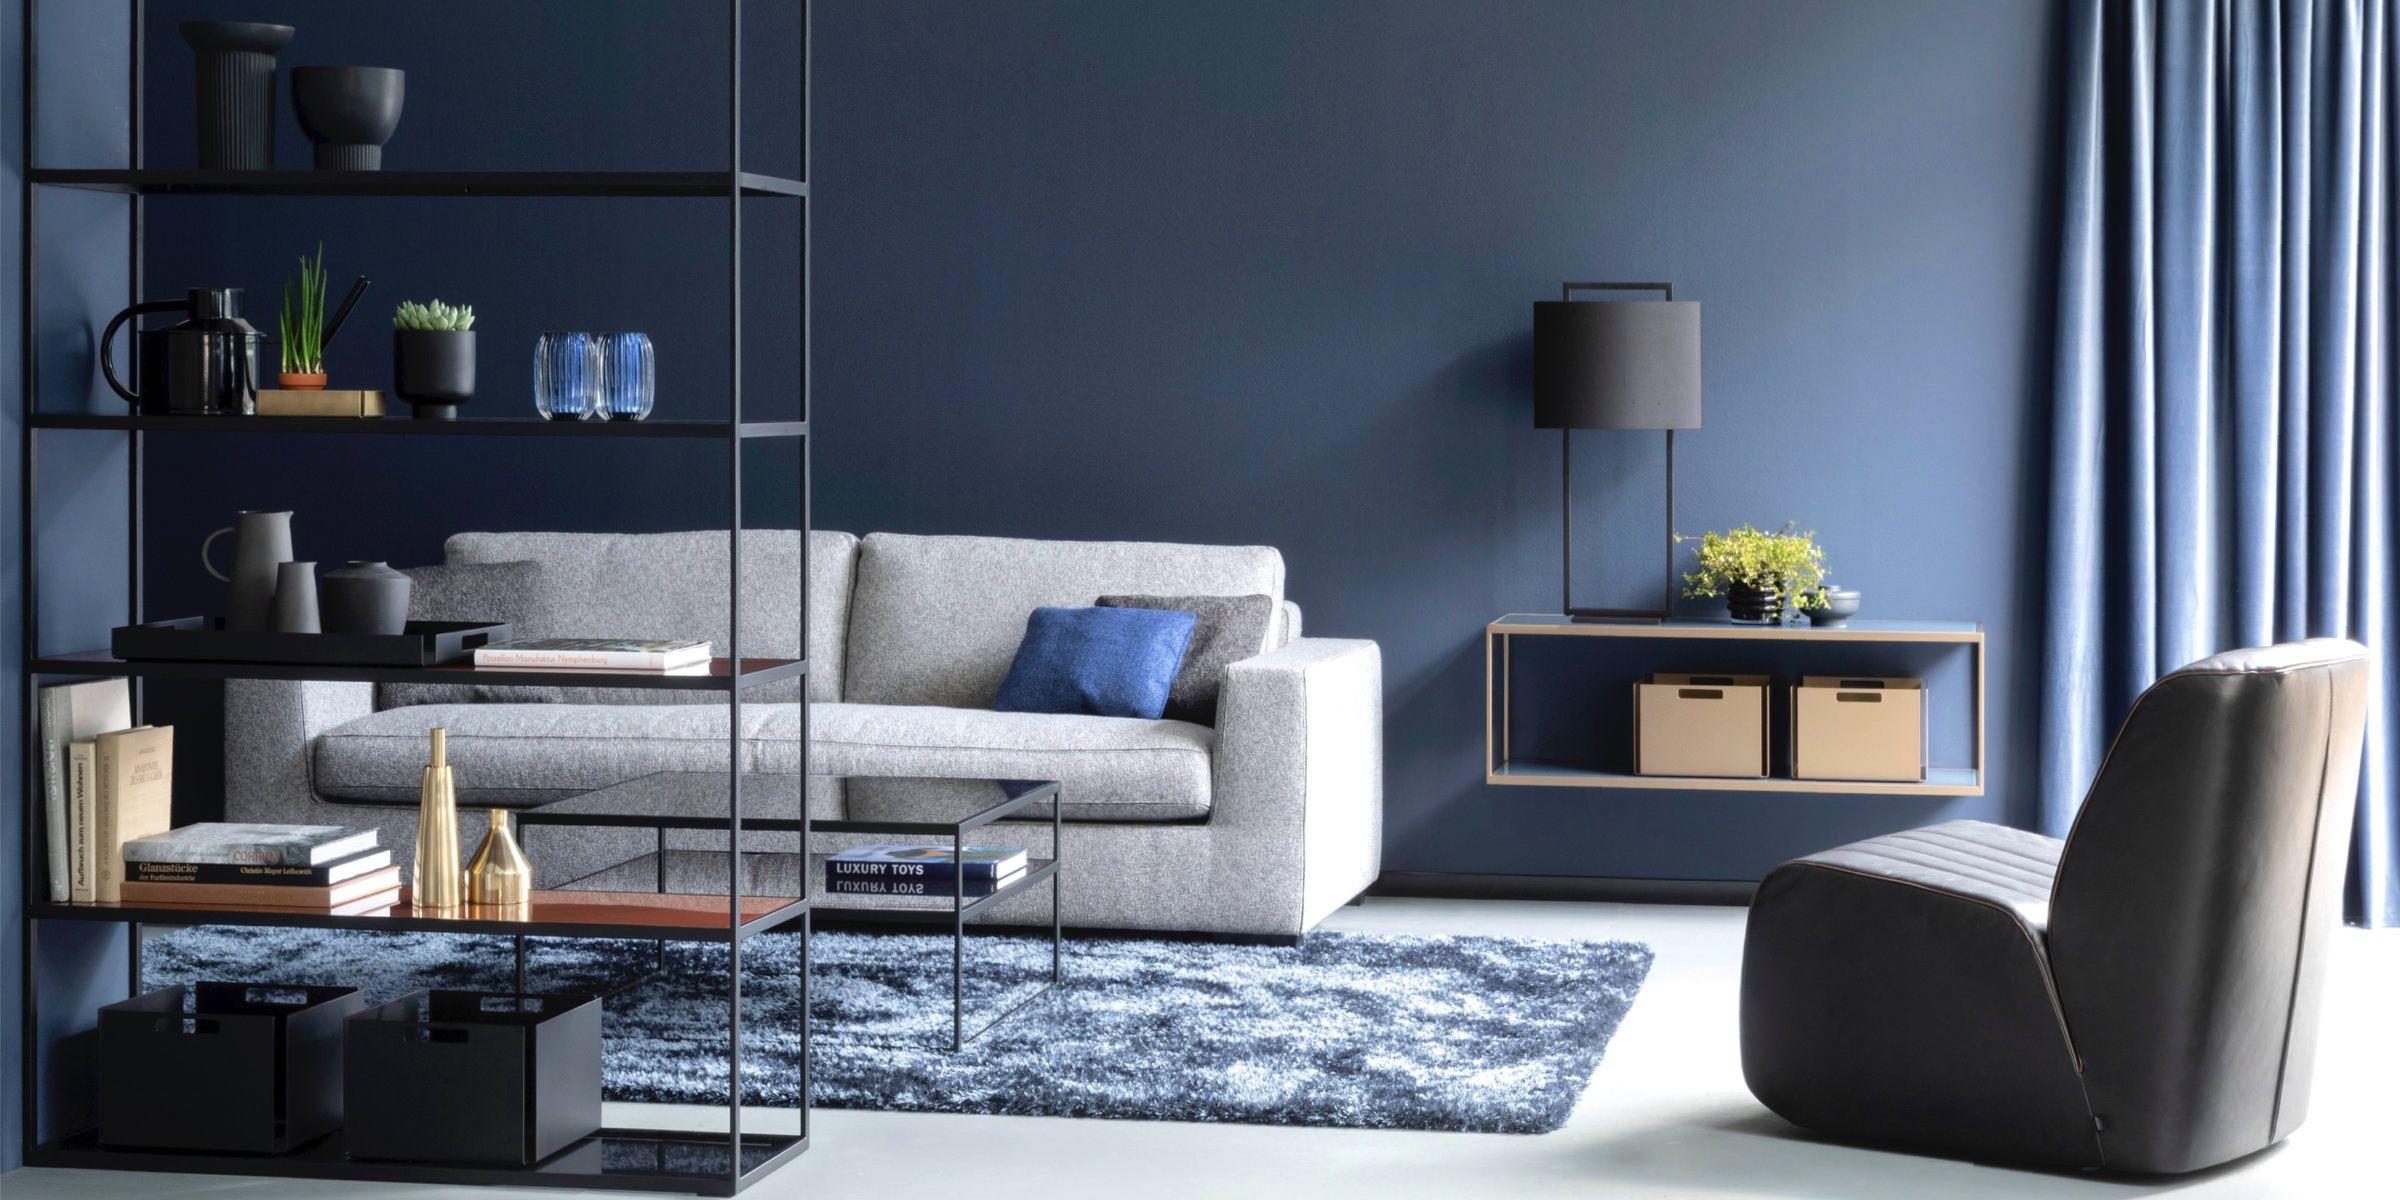 new livingroom designs | wohnzimmer design, innenarchitektur